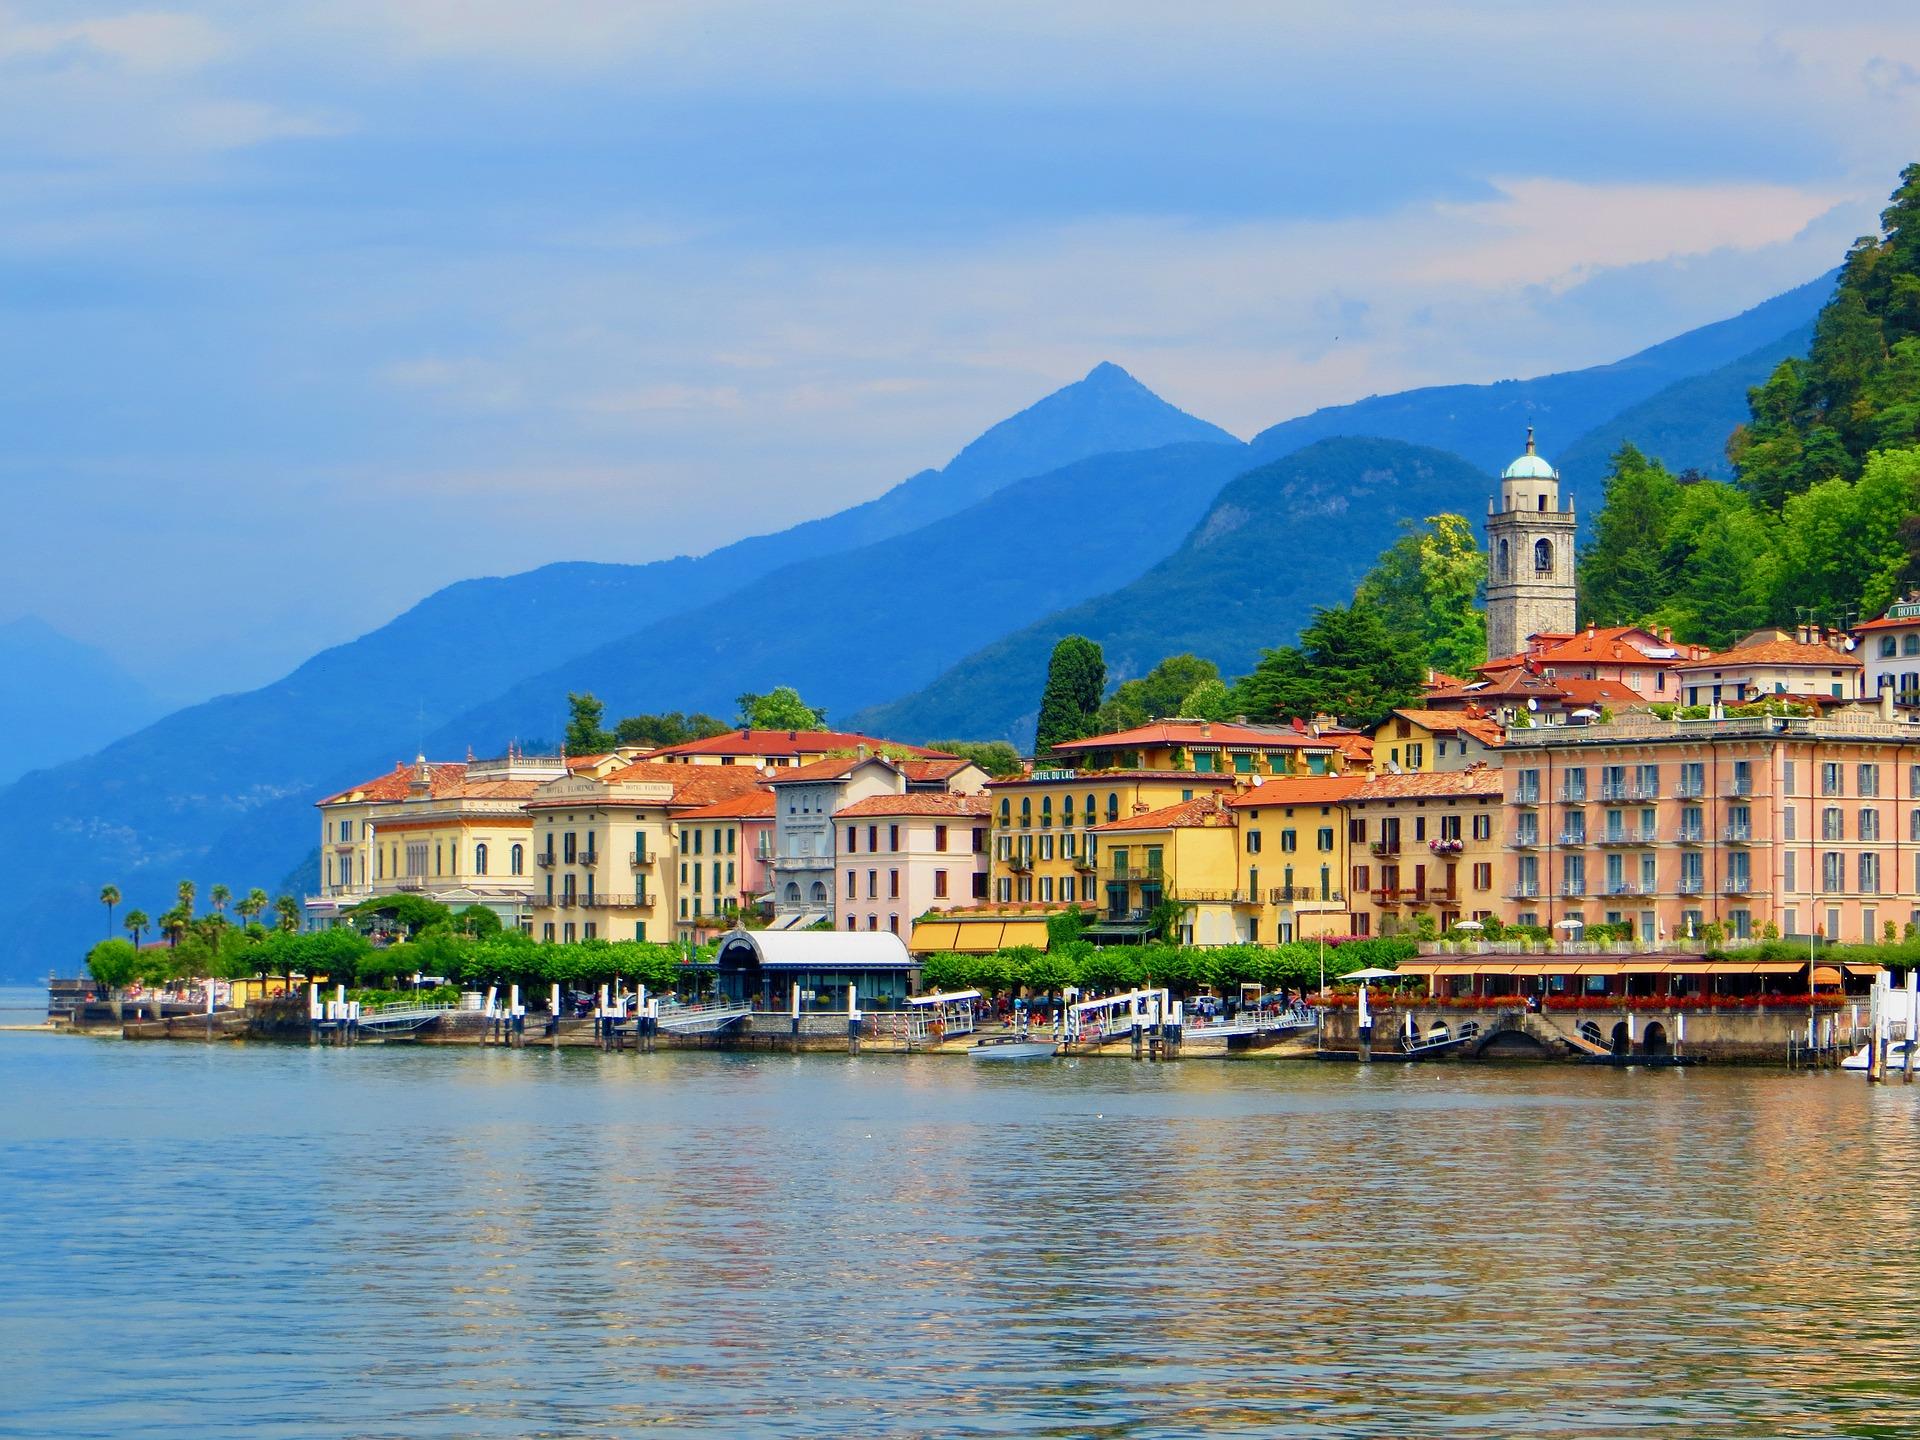 SCOPRENDO I LAGHI DEL NORD ITALIA